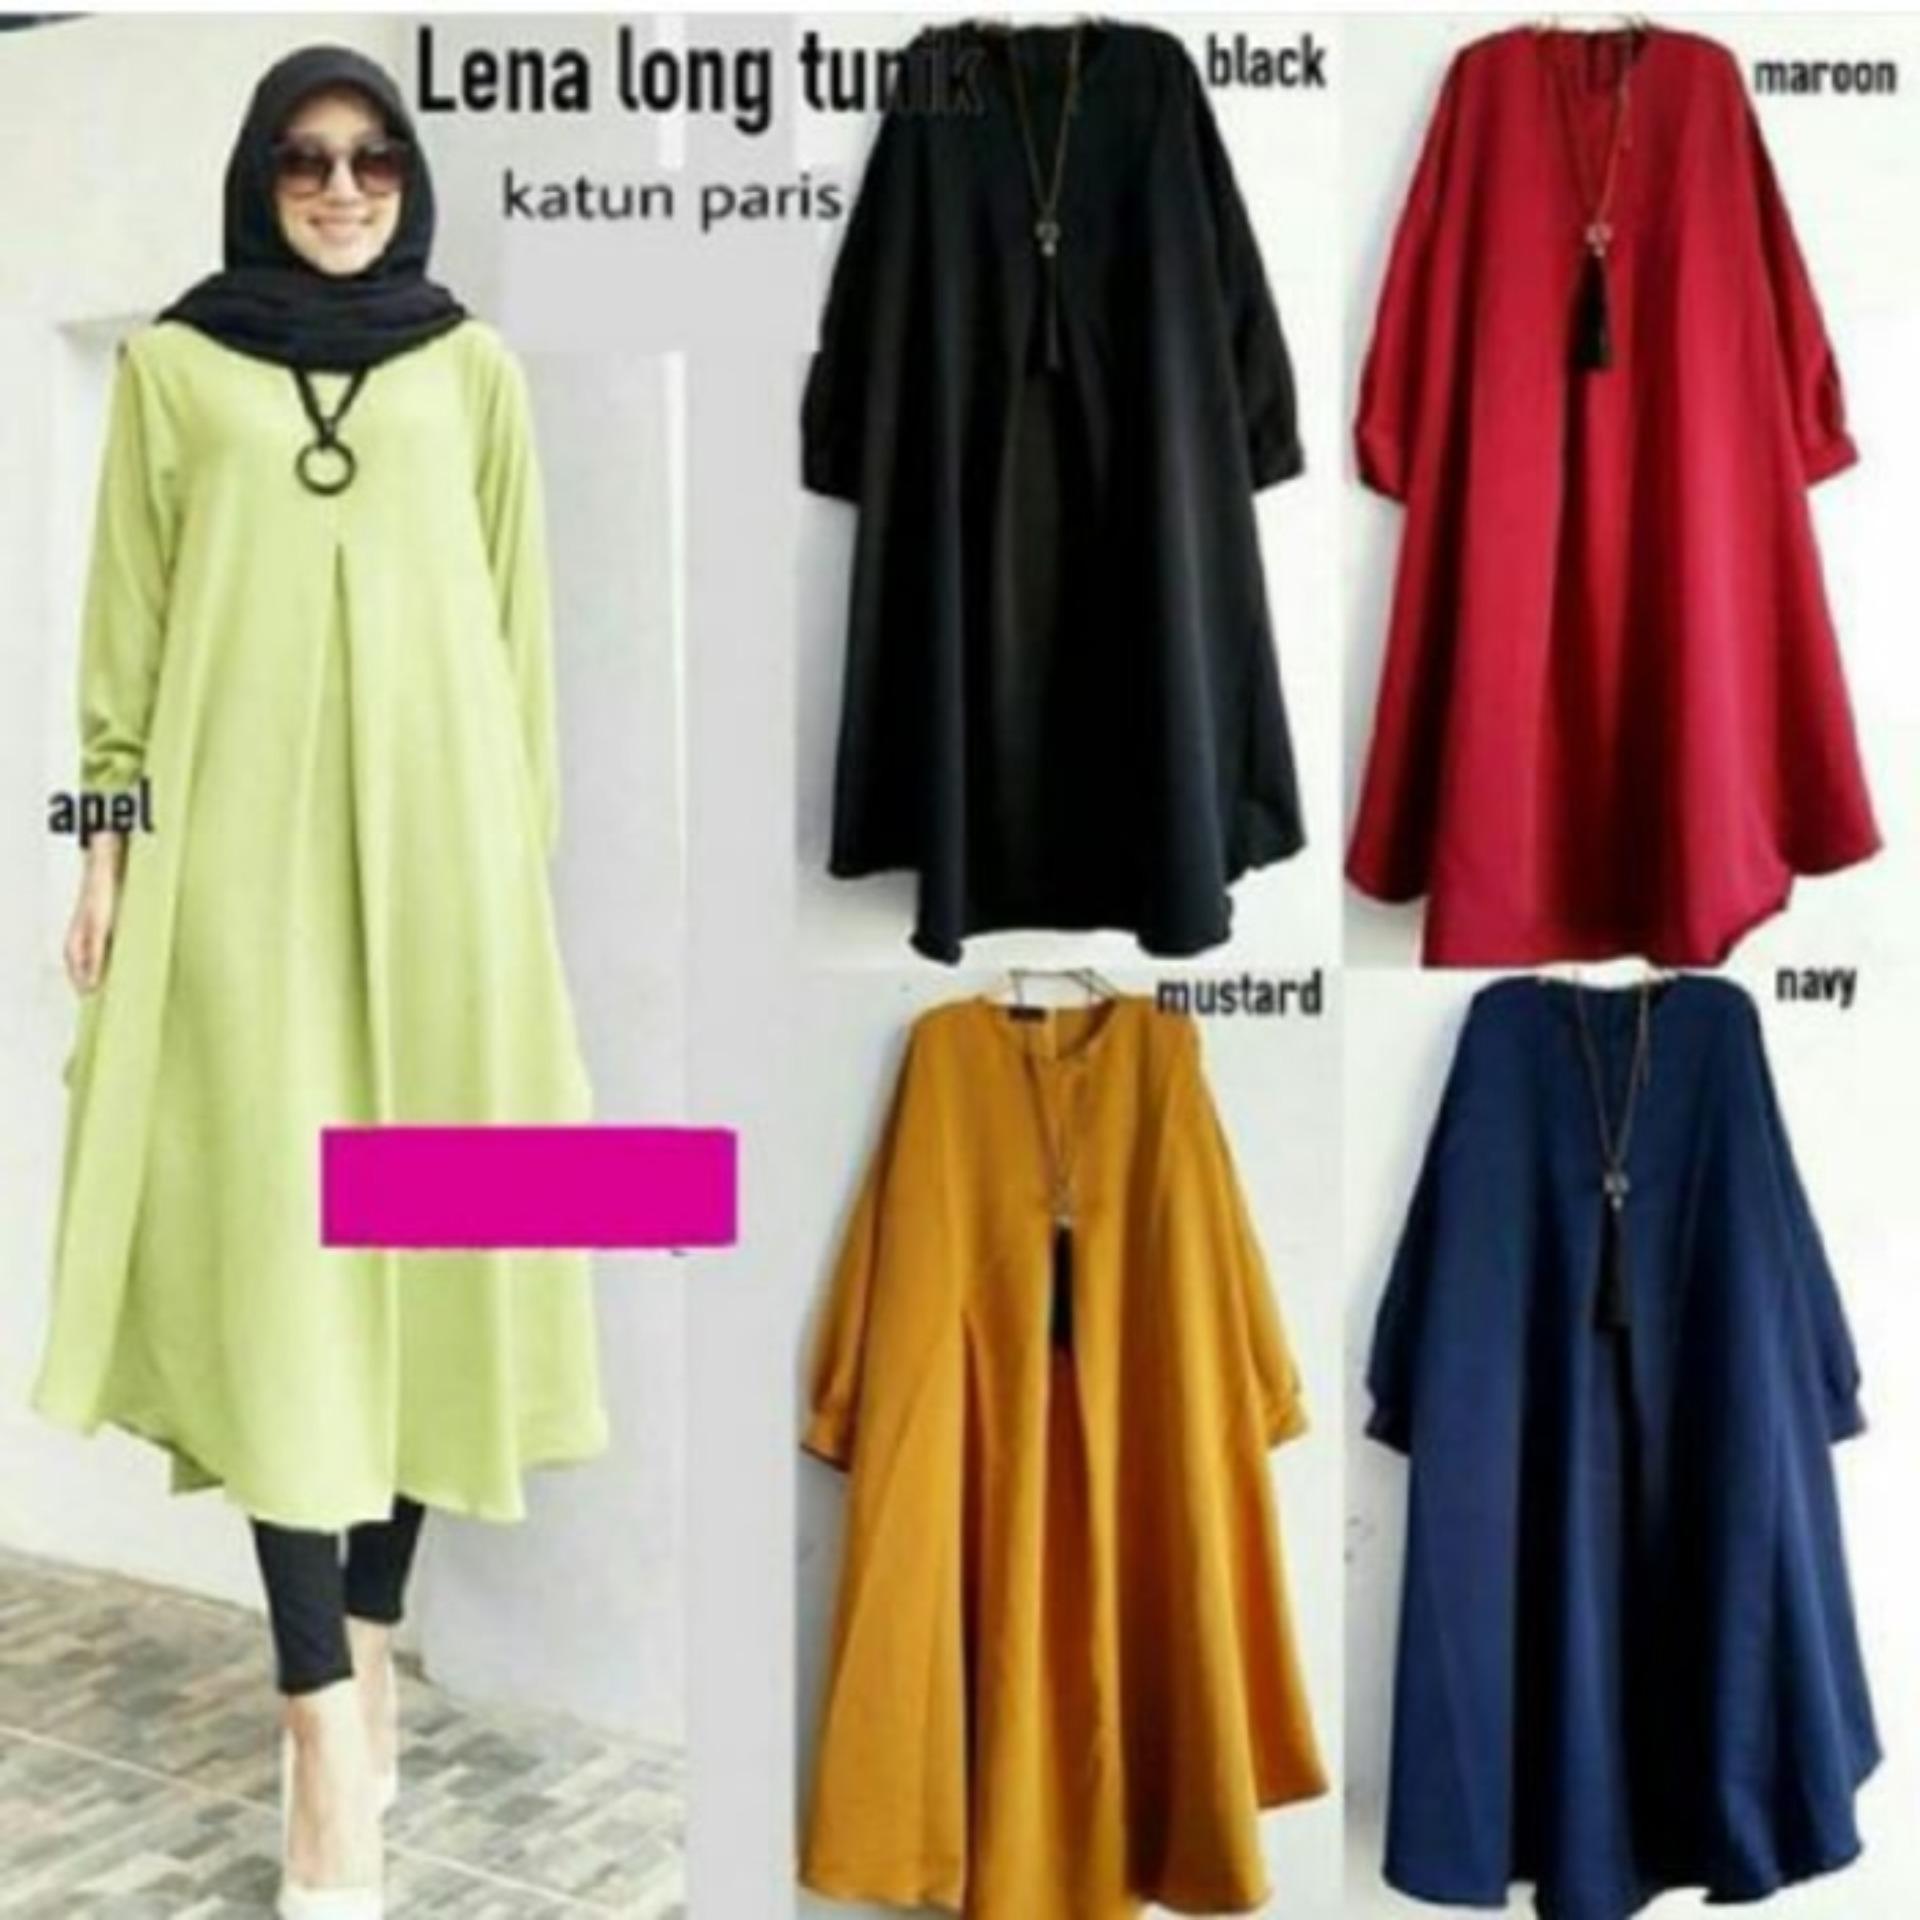 Toko Baju Atasan Lena Long Tunik Baju Muslim Blus Muslim Blouse Tunik Online